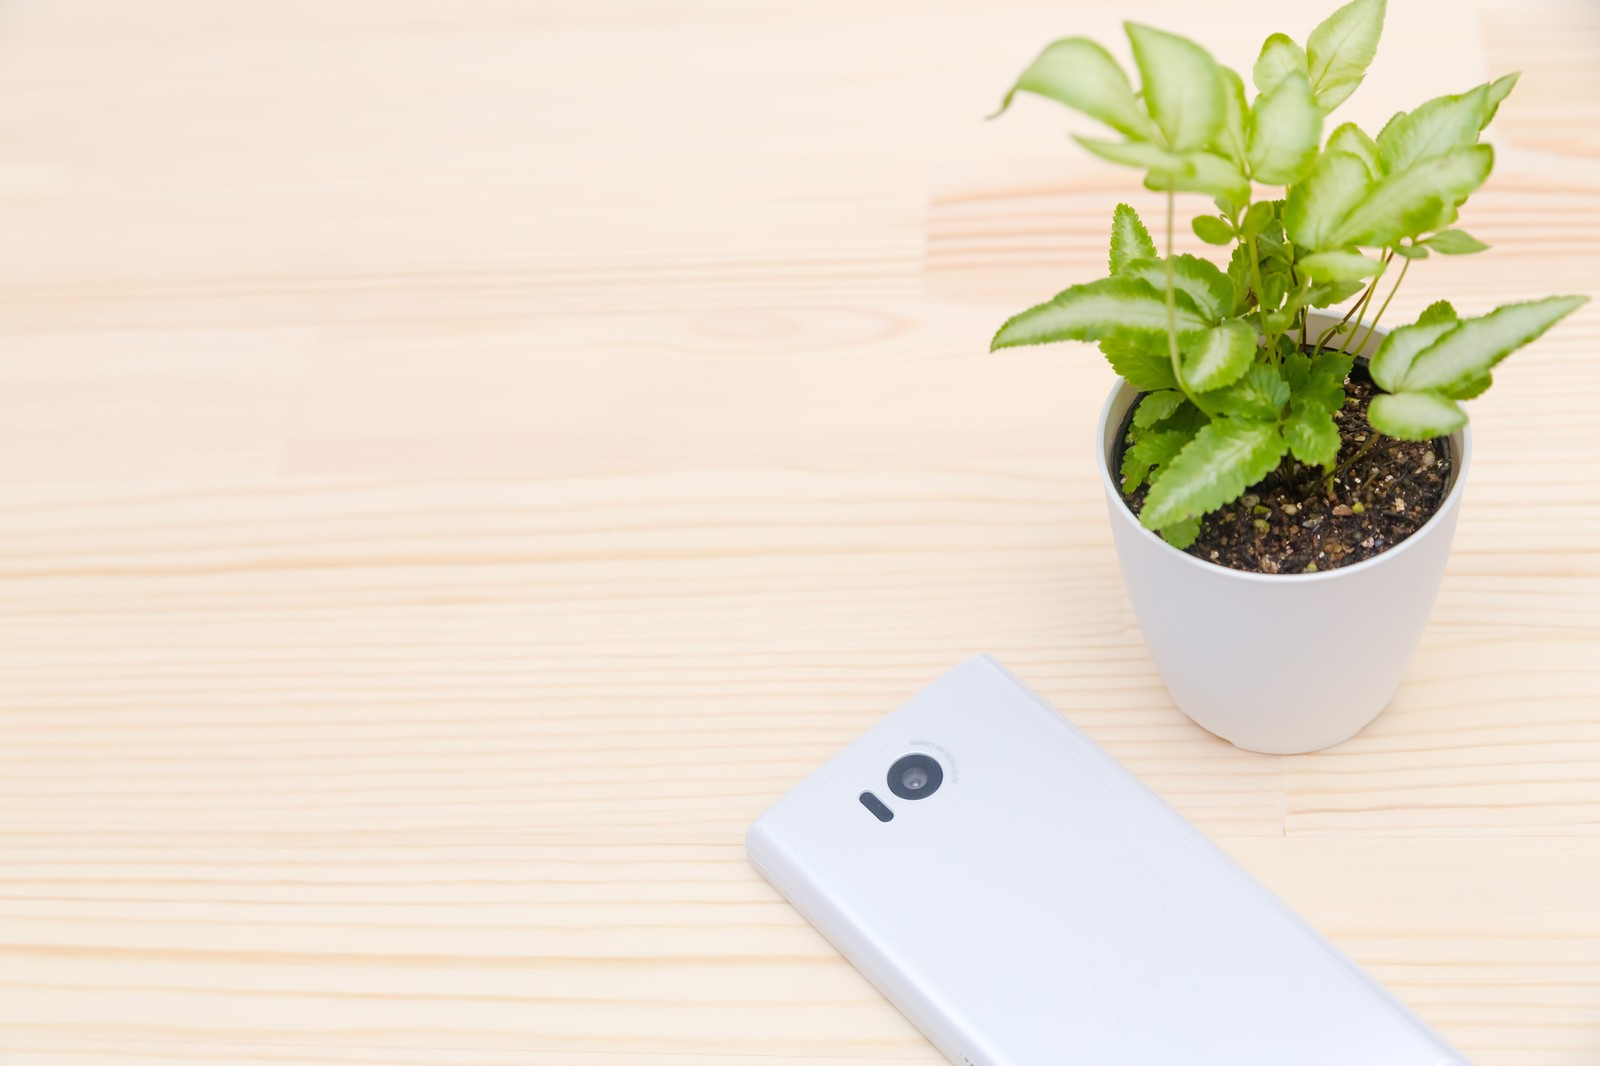 「植物と携帯電話」の写真